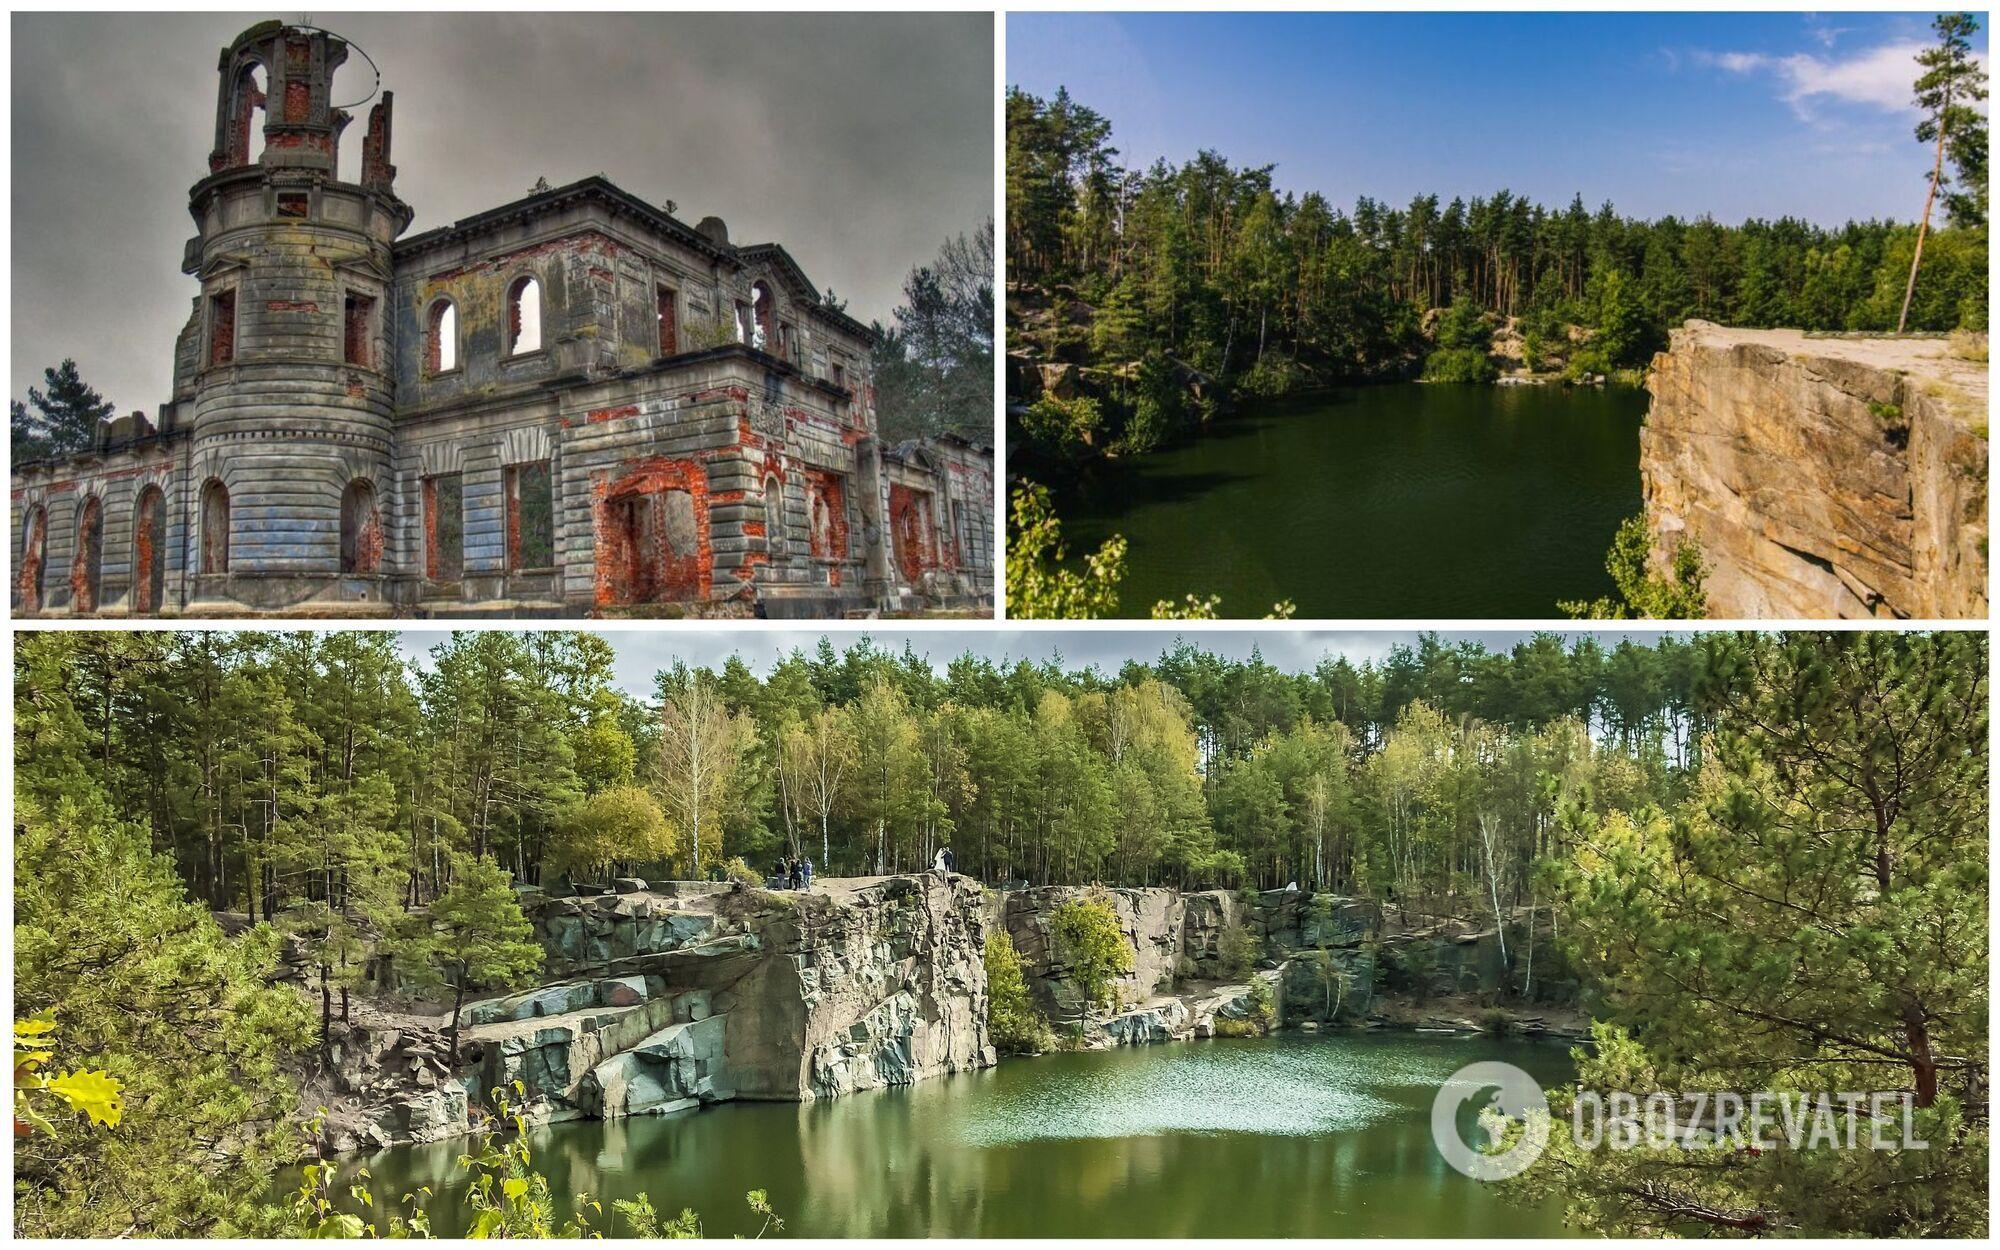 Будучи в Житомире, стоит посетить Житомирский каньон и руины дворца сахарных магнатов Терещенко